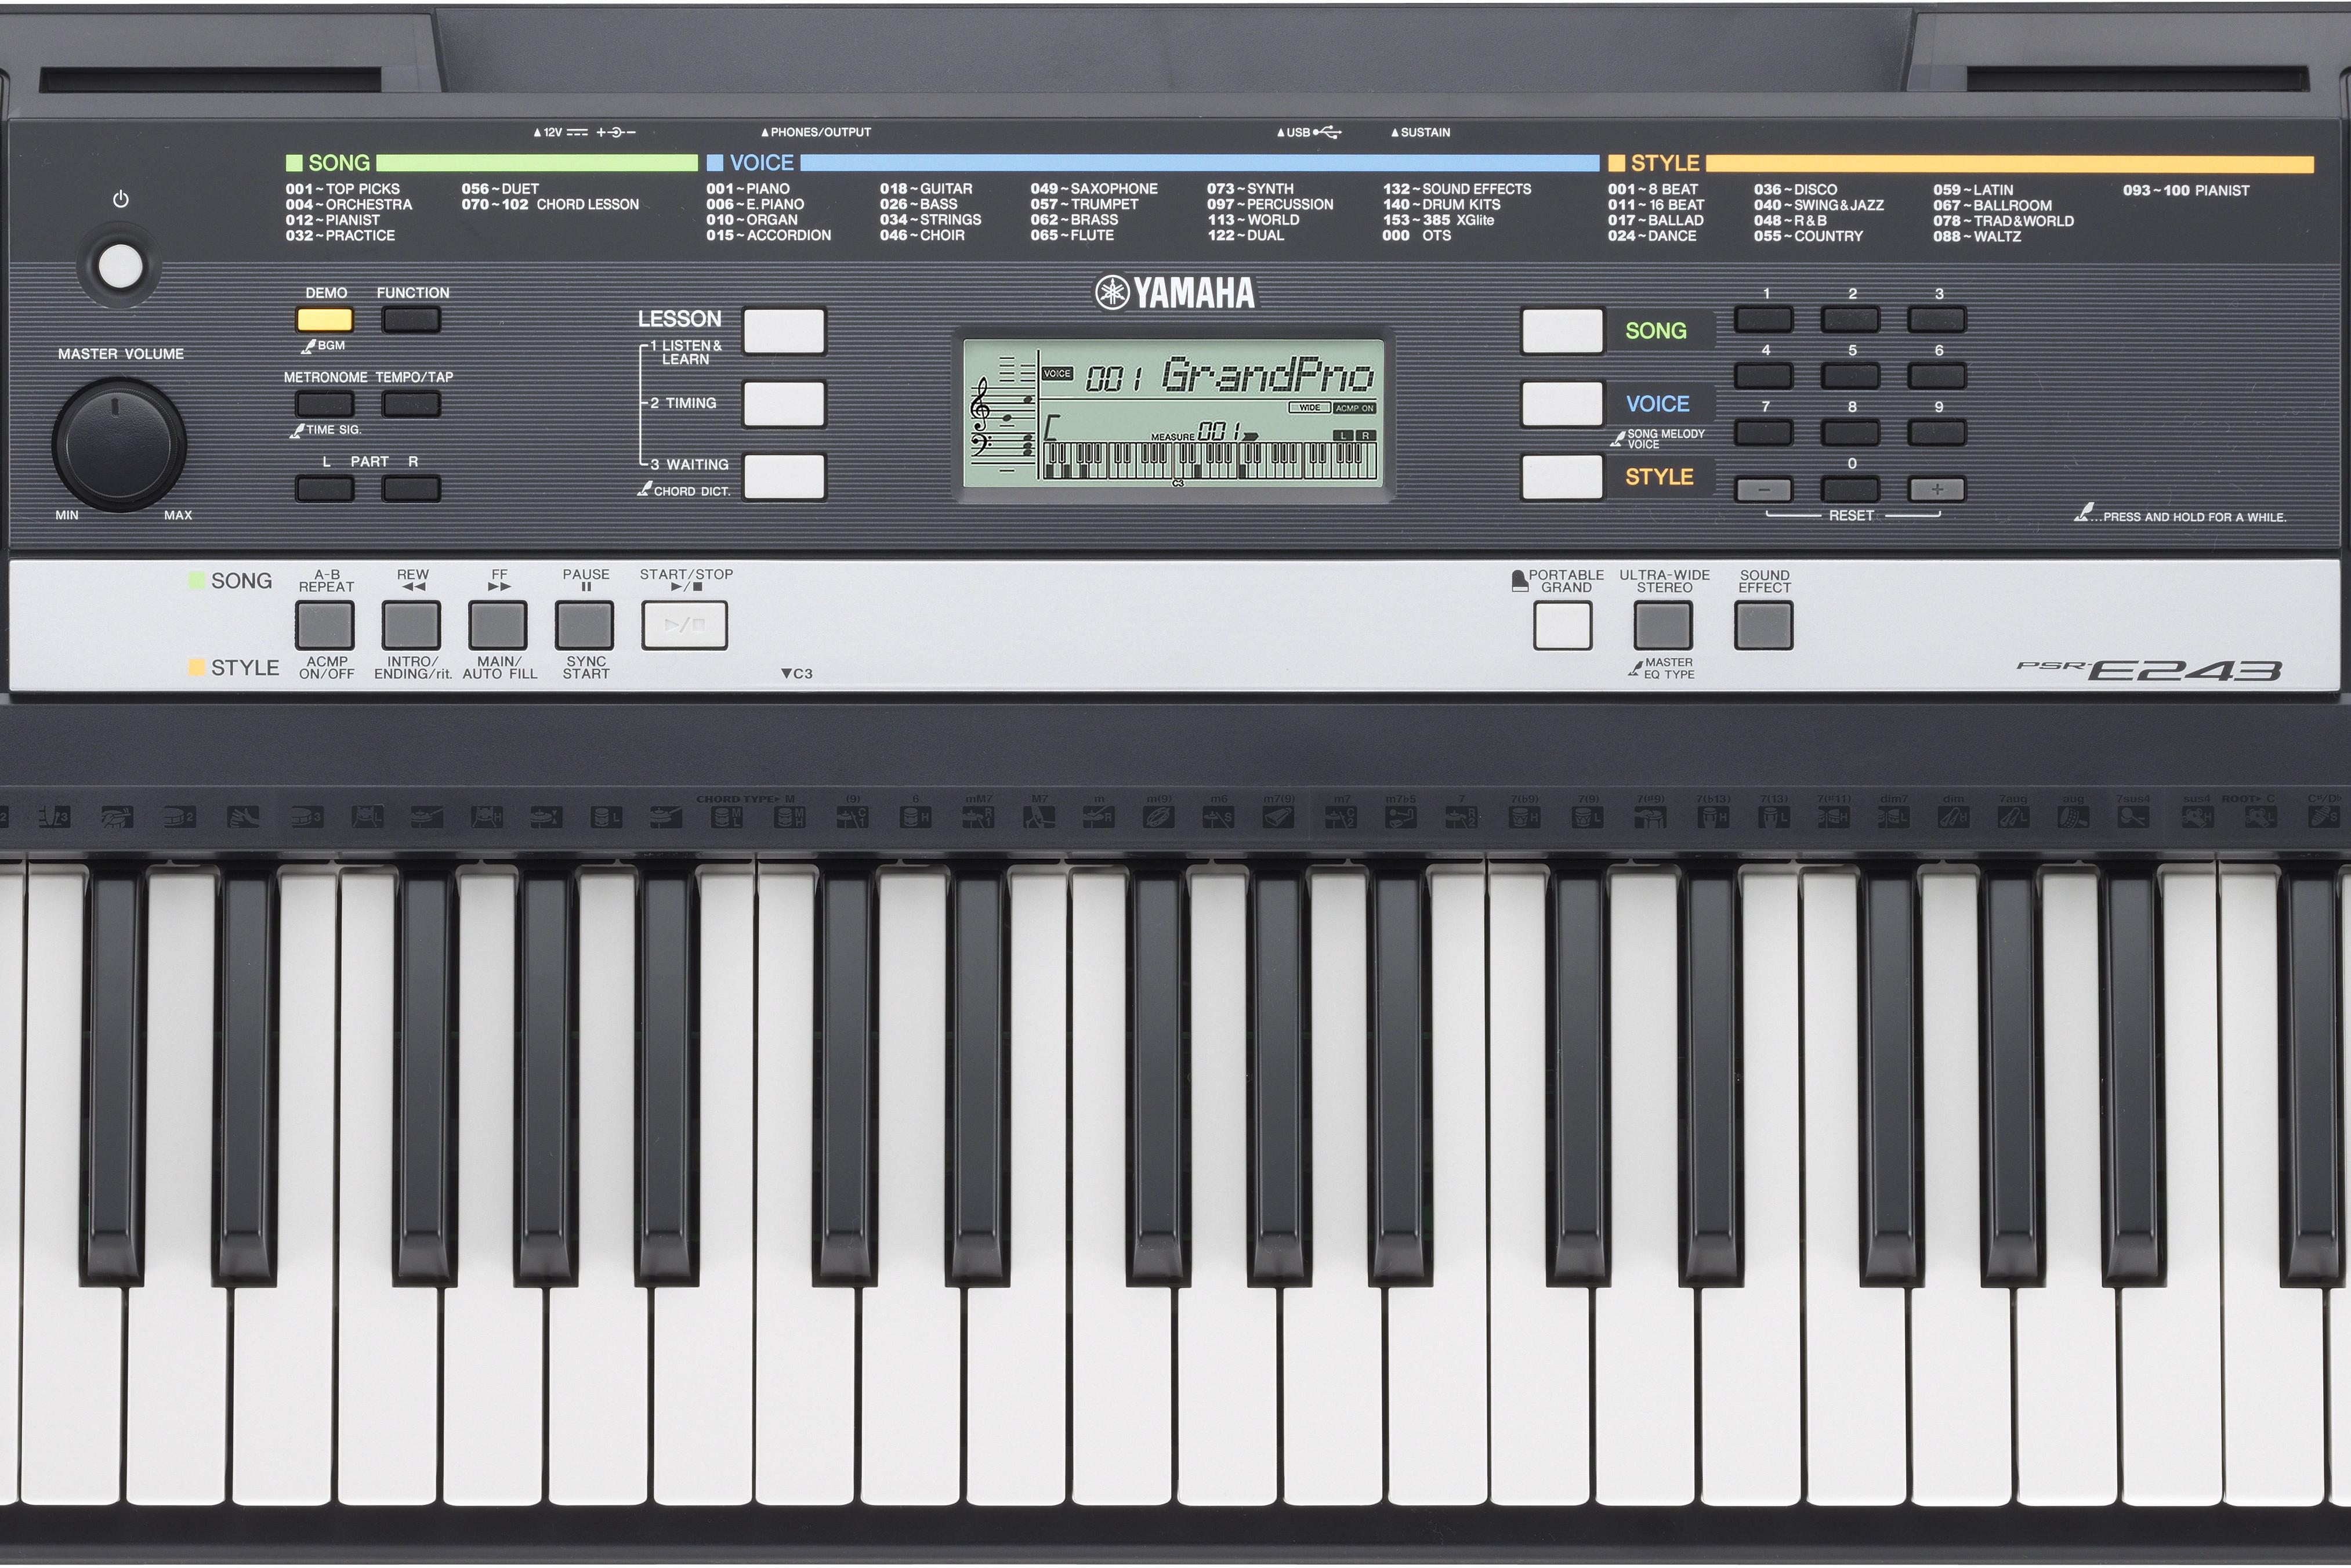 Psr e243 yamaha keyboard music arms for Yamaha psr 410 keyboard